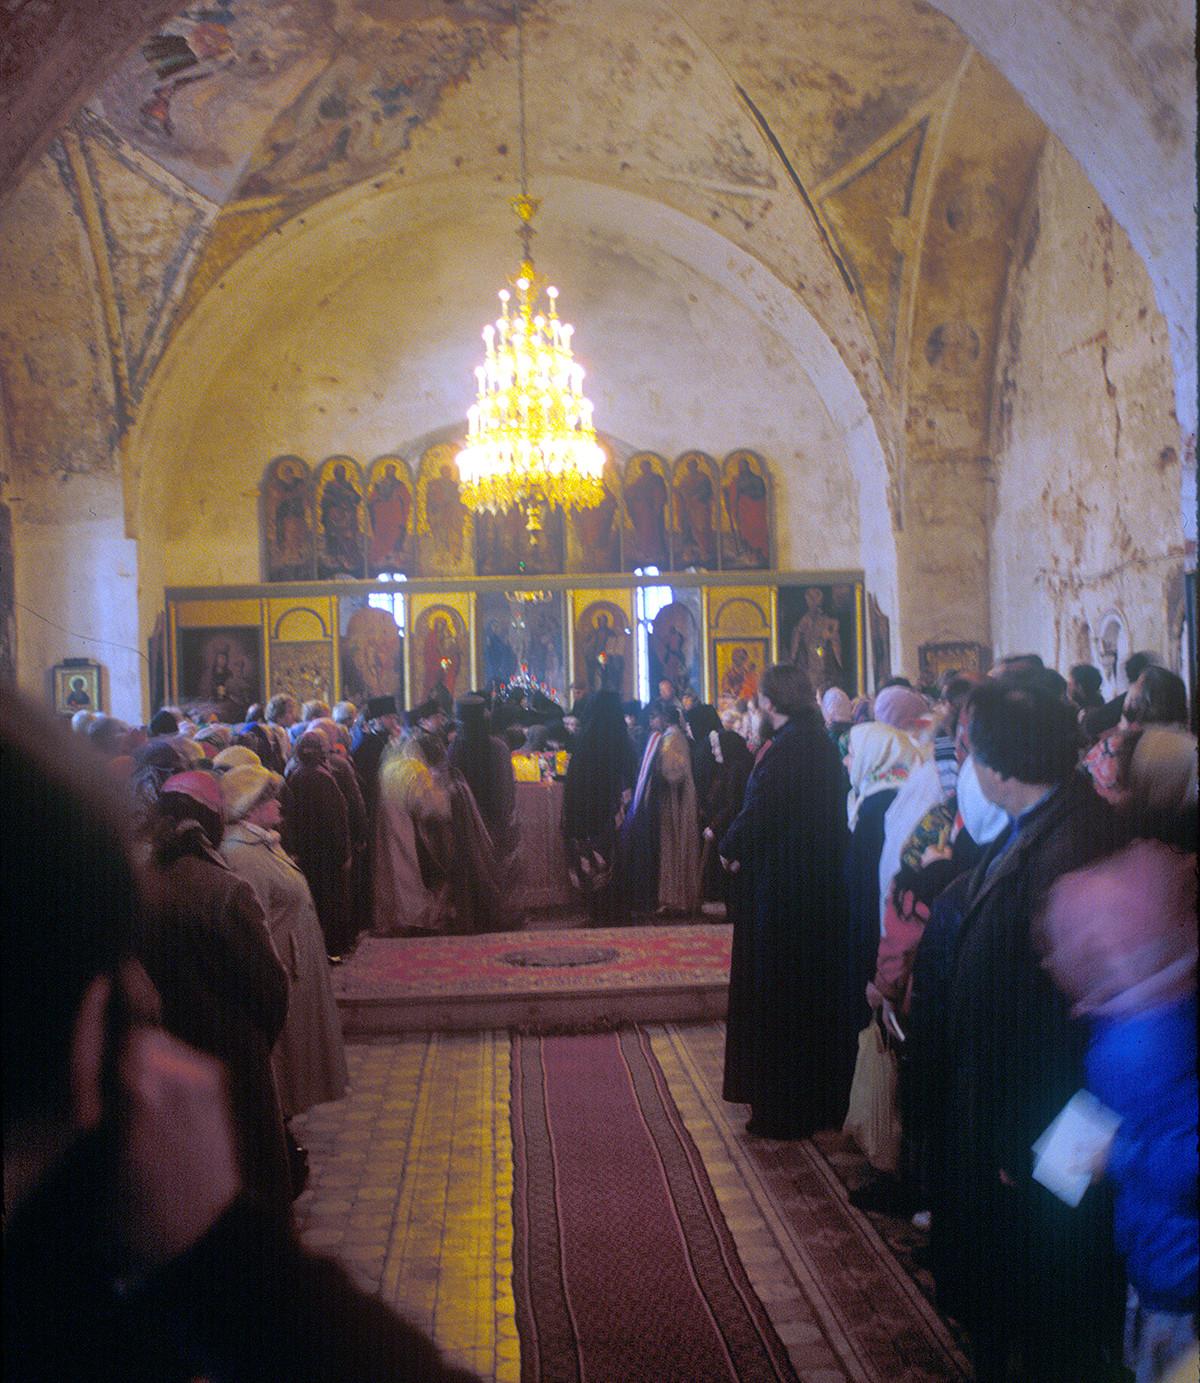 Église Saint-Jacques. Intérieur. Vue vers l'est pendant la liturgie. Photographie : William Brumfield. 4 octobre 1992 (quelques mois après la restitution de la structure endommagée à l'Église orthodoxe)